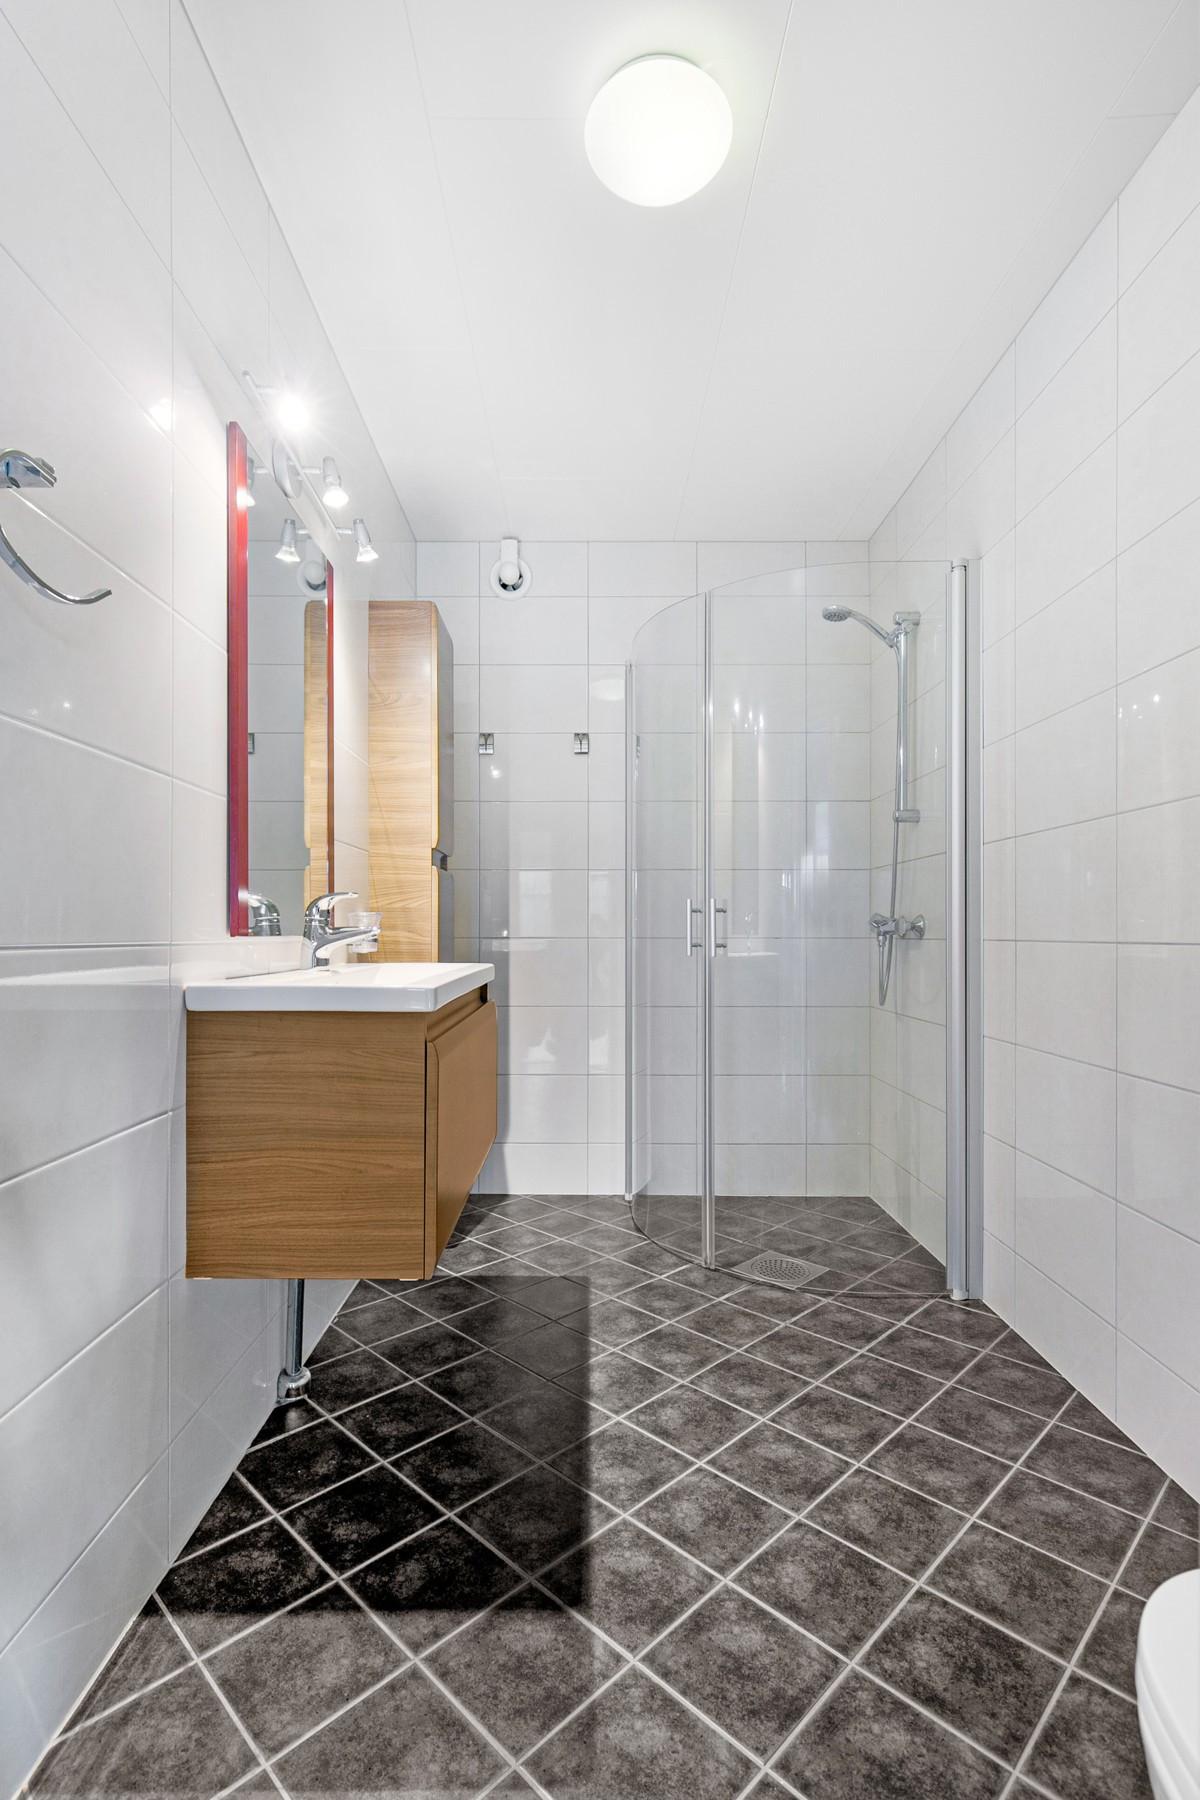 Komplett fliselagt baderom med dusjhjørne, baderomsinnredning og vegghengt toalett